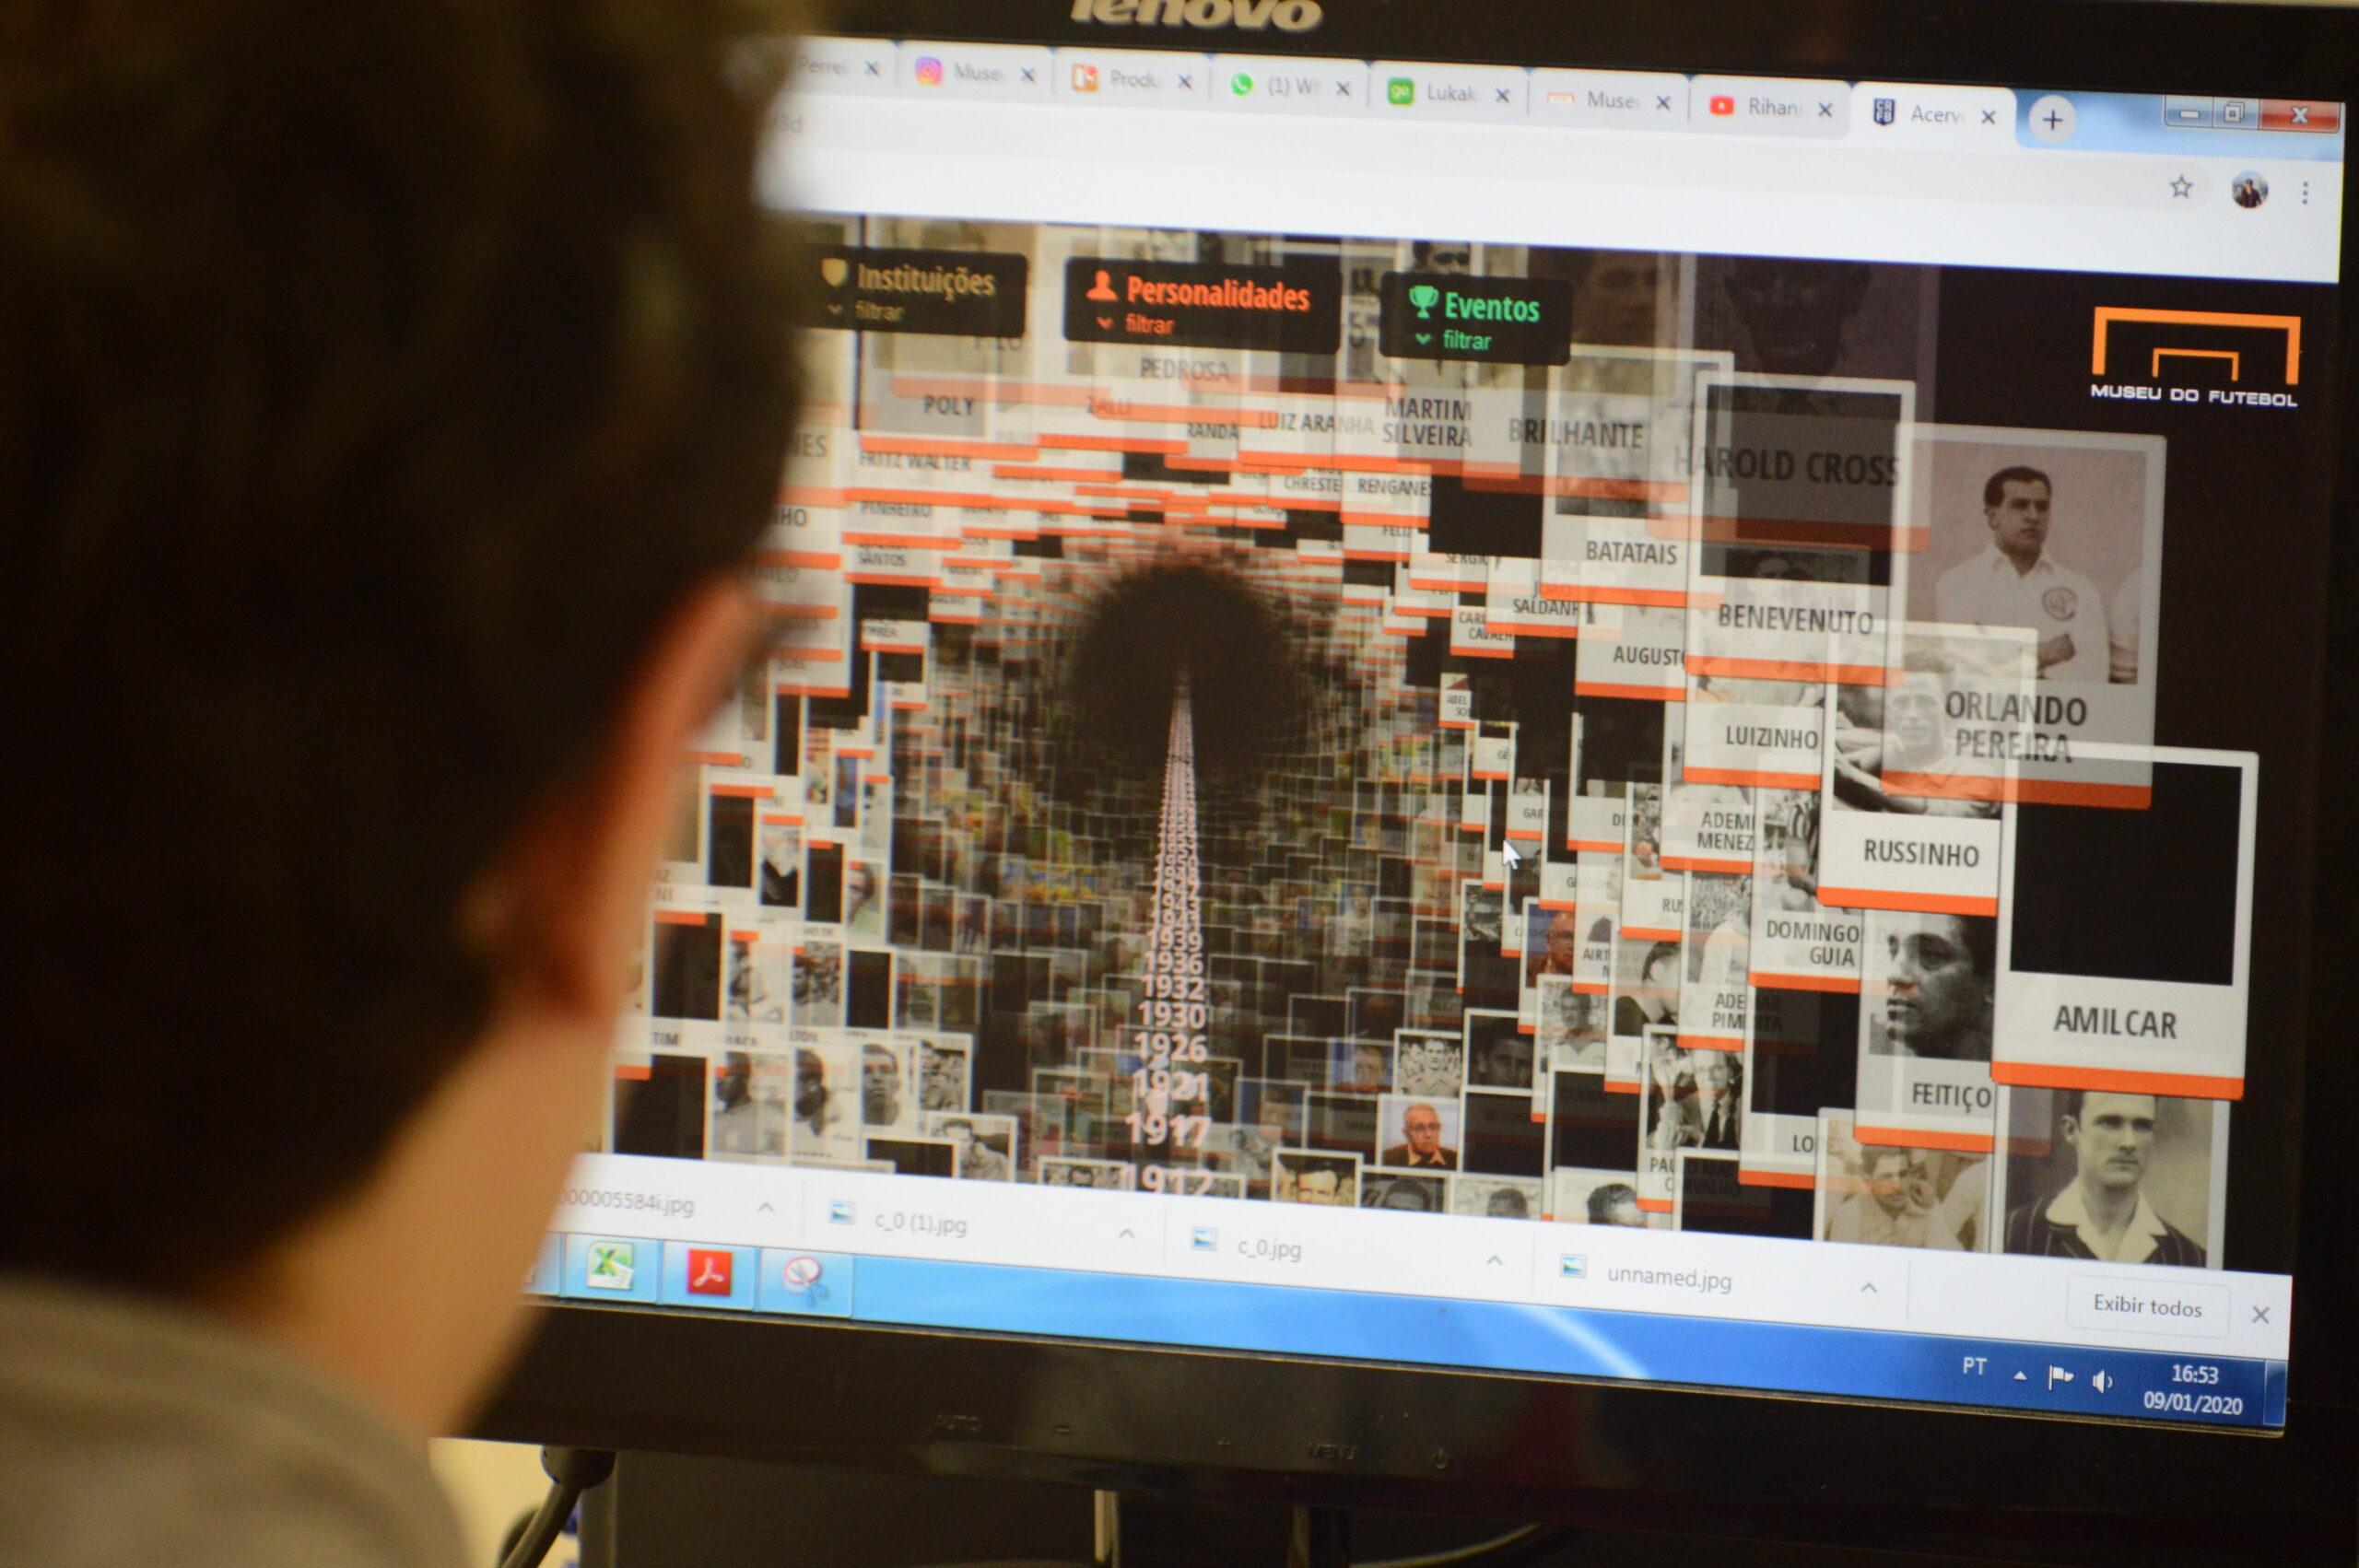 Tela de Computador mostrando a página do Centro de Referência do Futebol Brasileiro